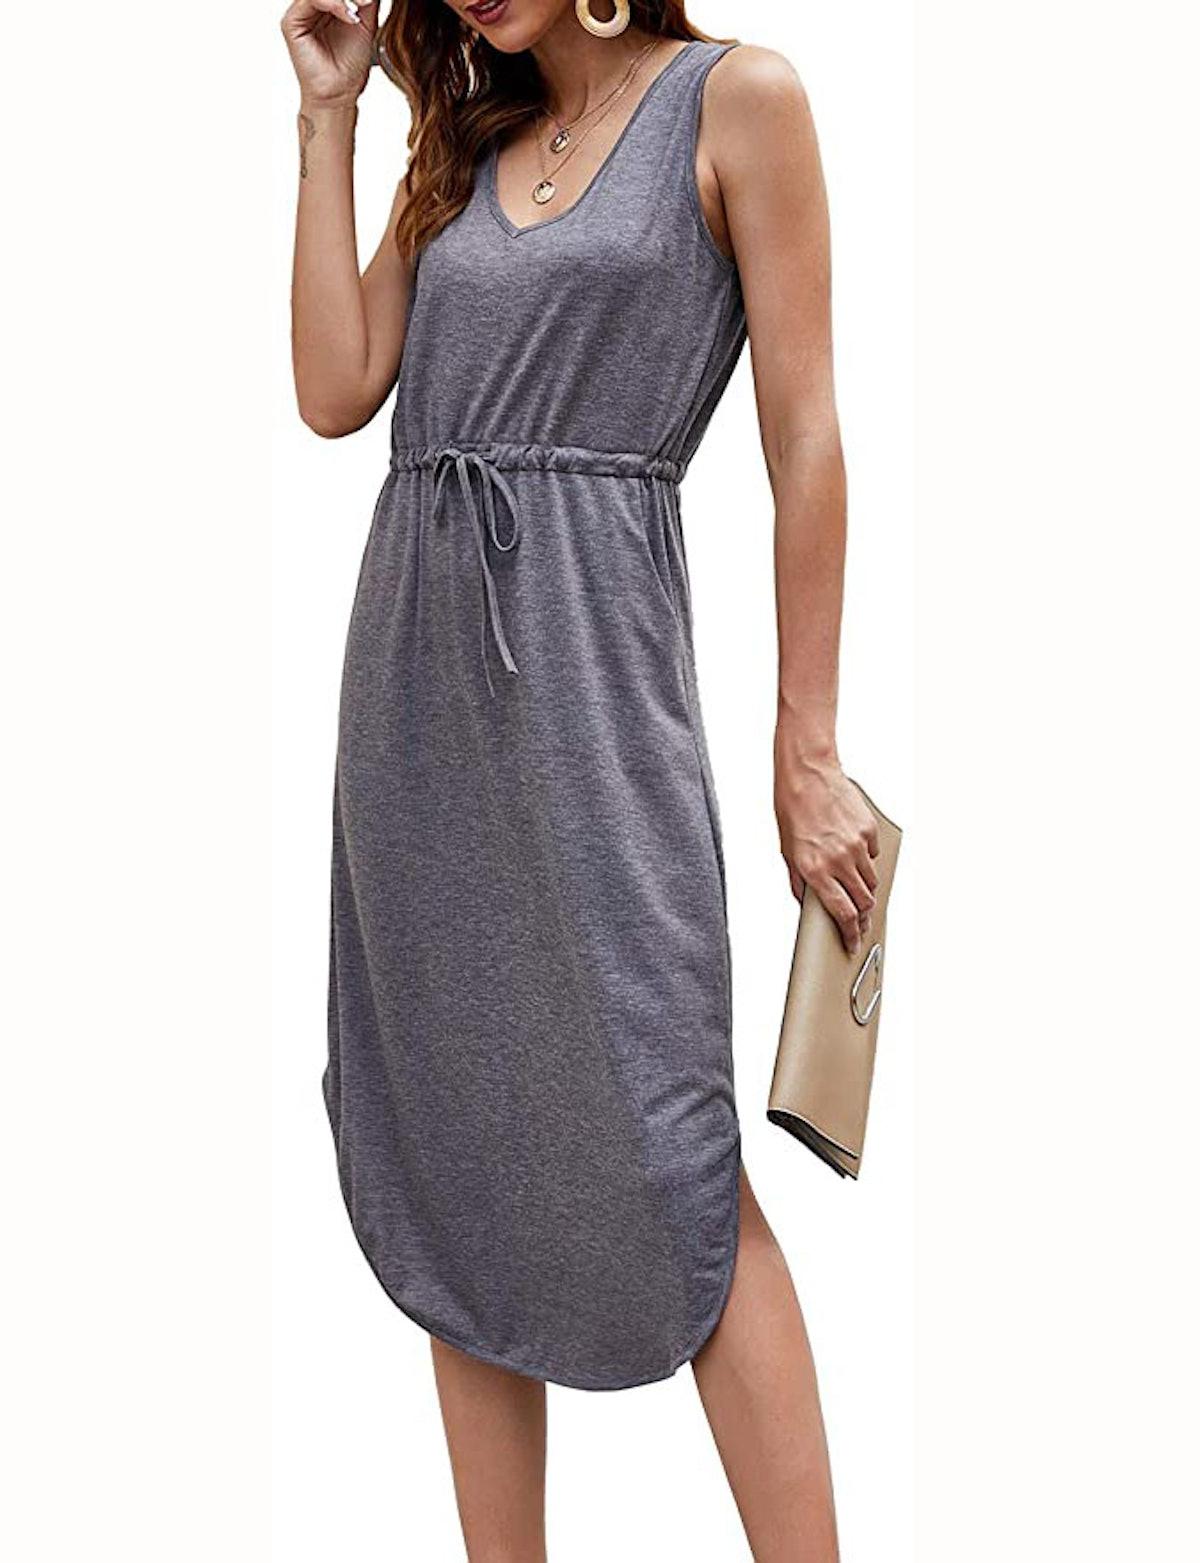 Hount Sleeveless Casual Midi Dress with Pockets